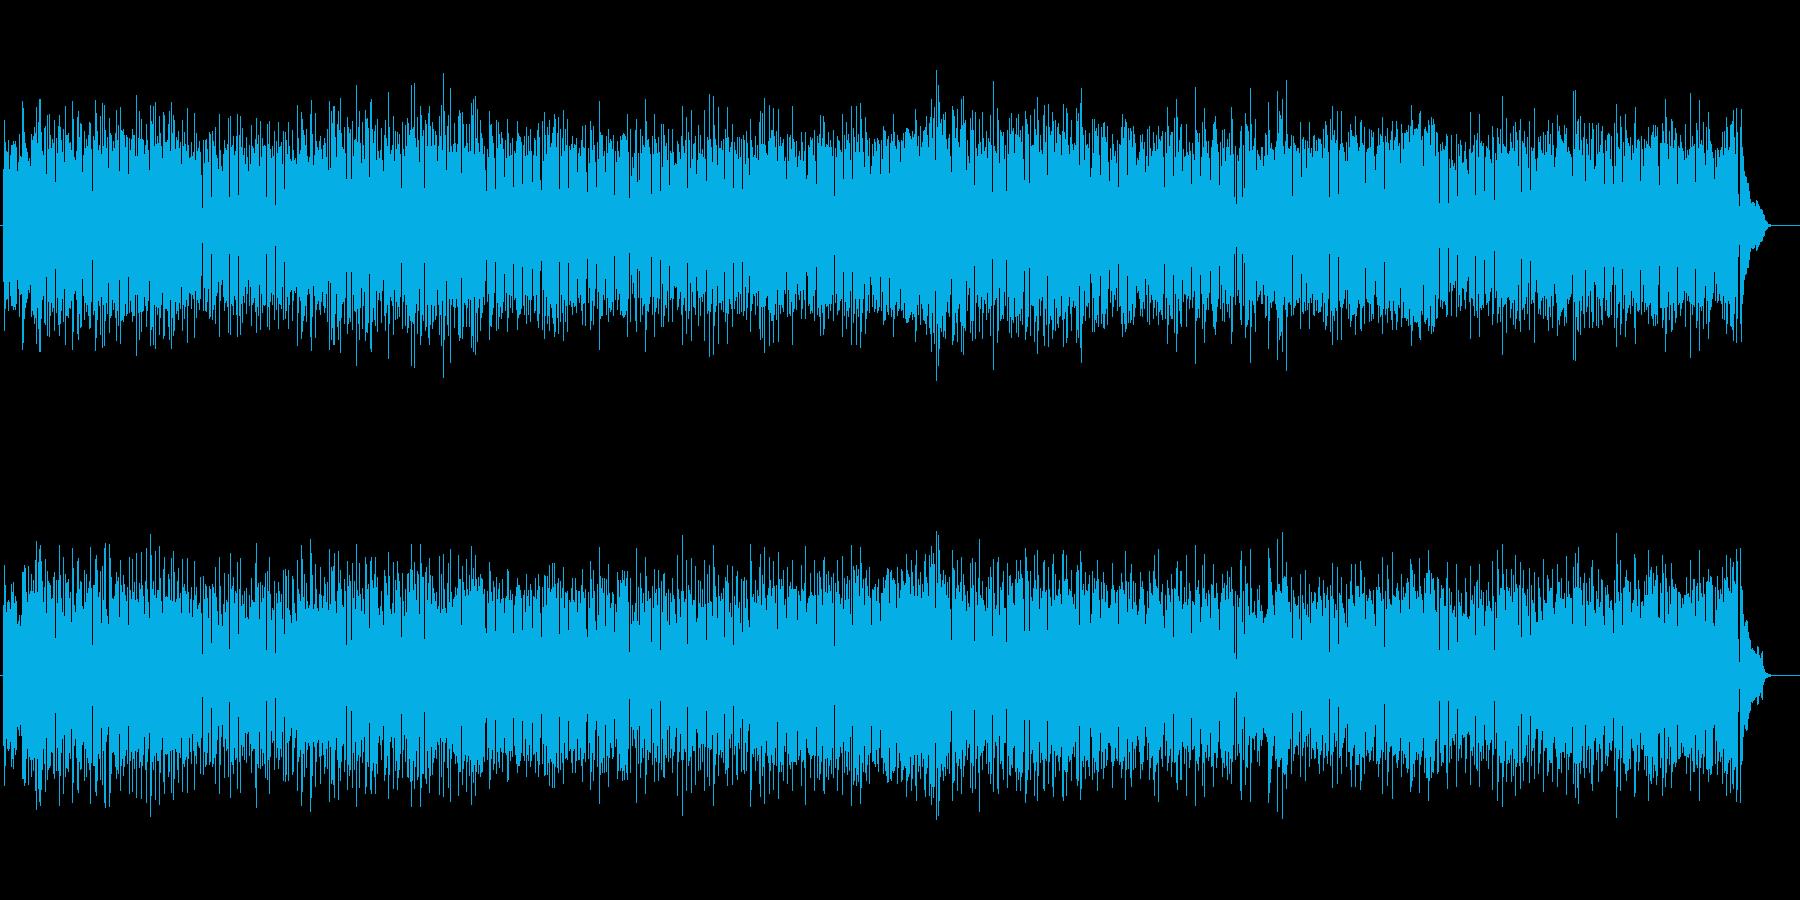 ポップ・ミュージックの再生済みの波形